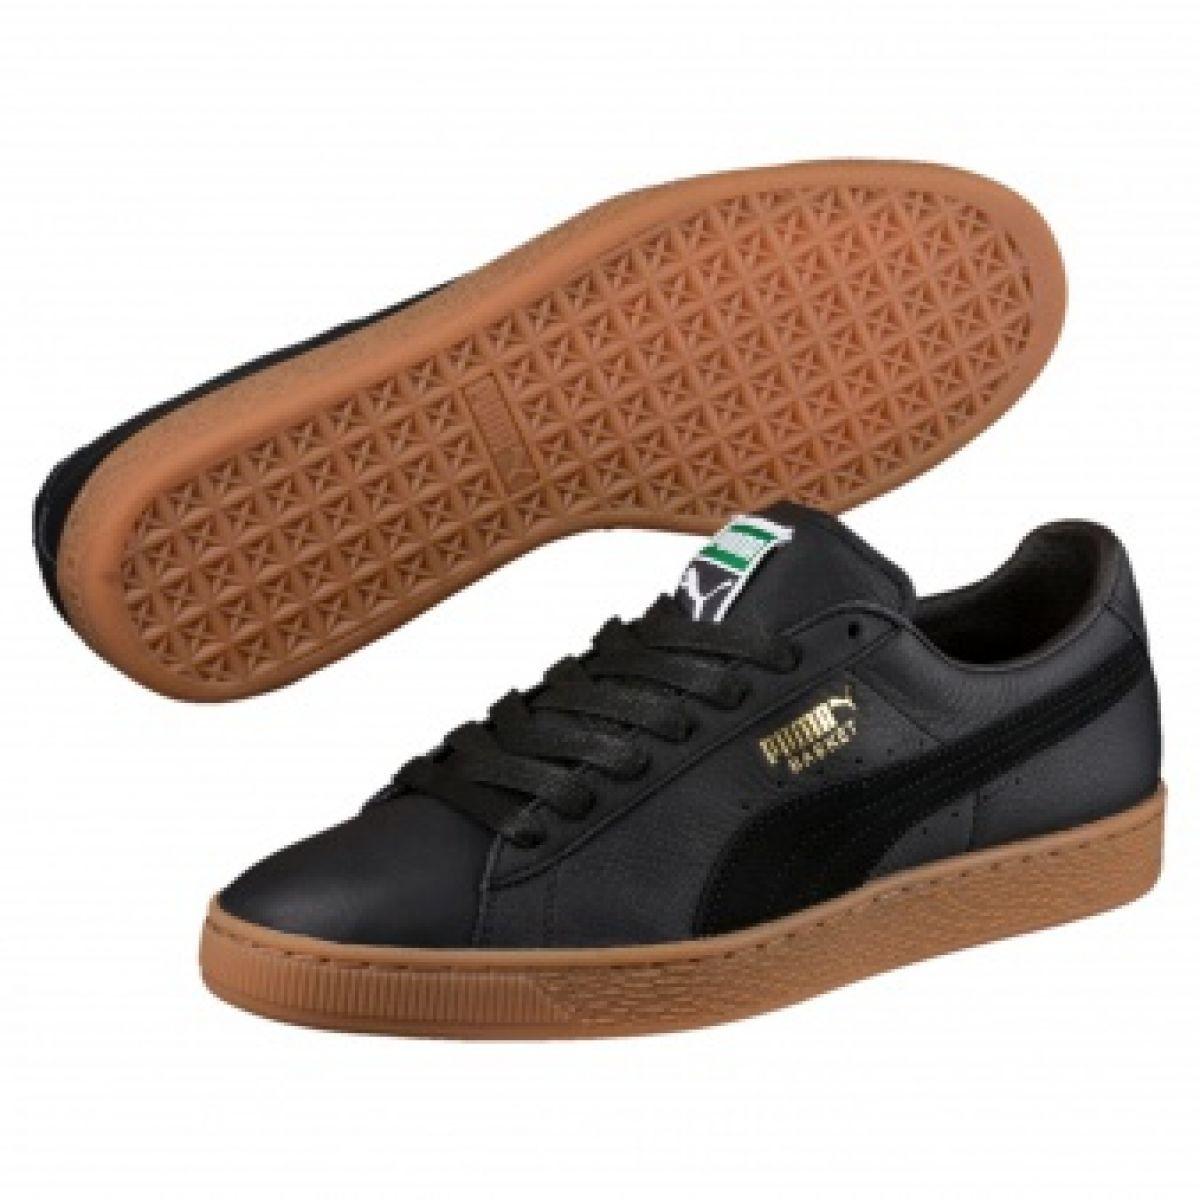 sports shoes 65625 dc333 Black Puma Basket Classic Gum Deluxe M 365366 02 shoes